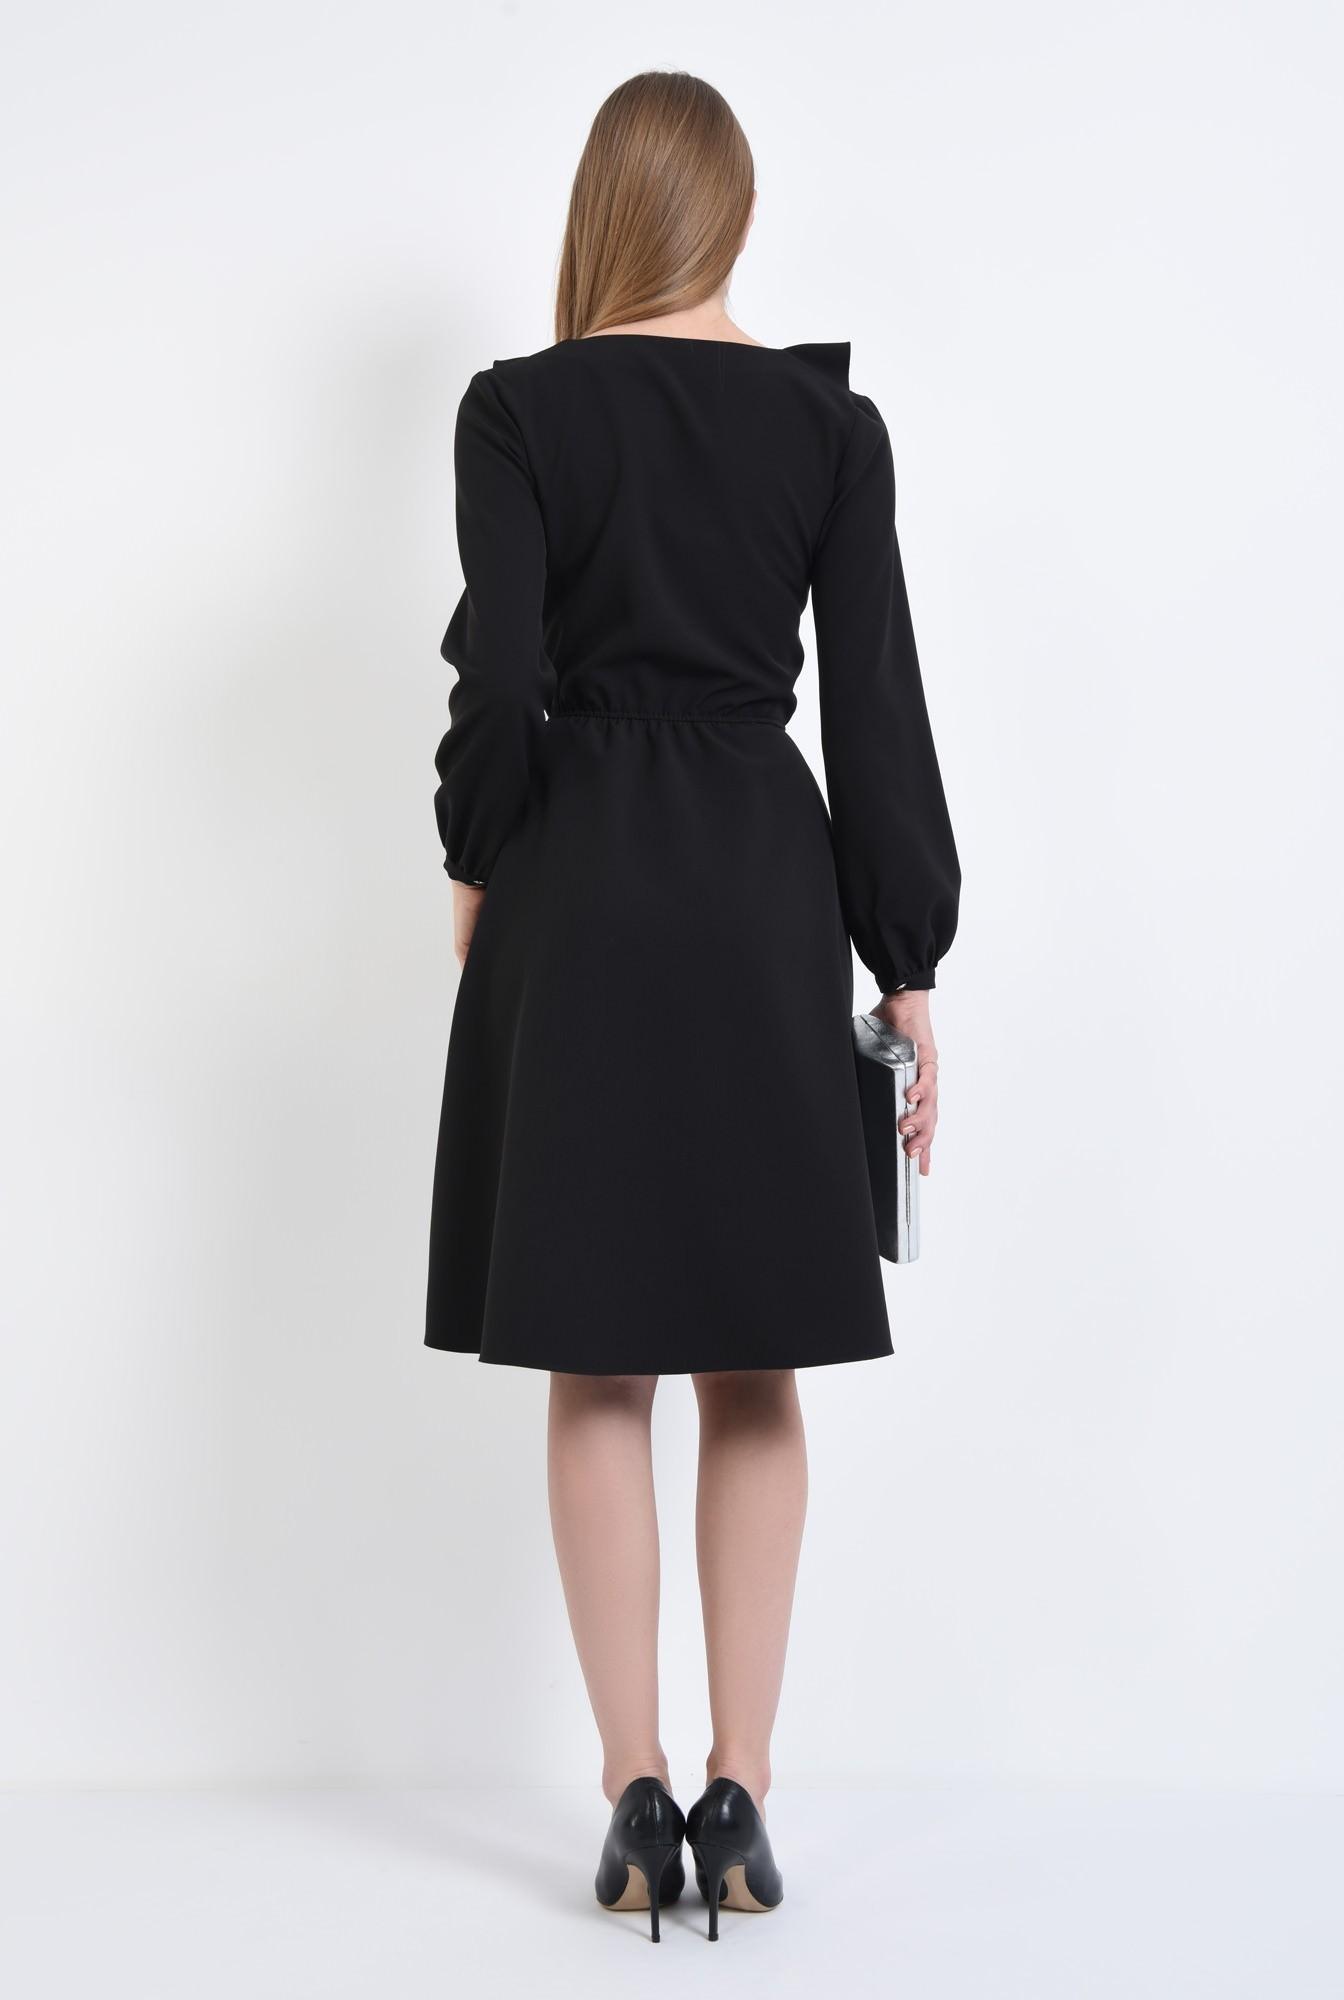 1 - Rochie casual neagra, cloche